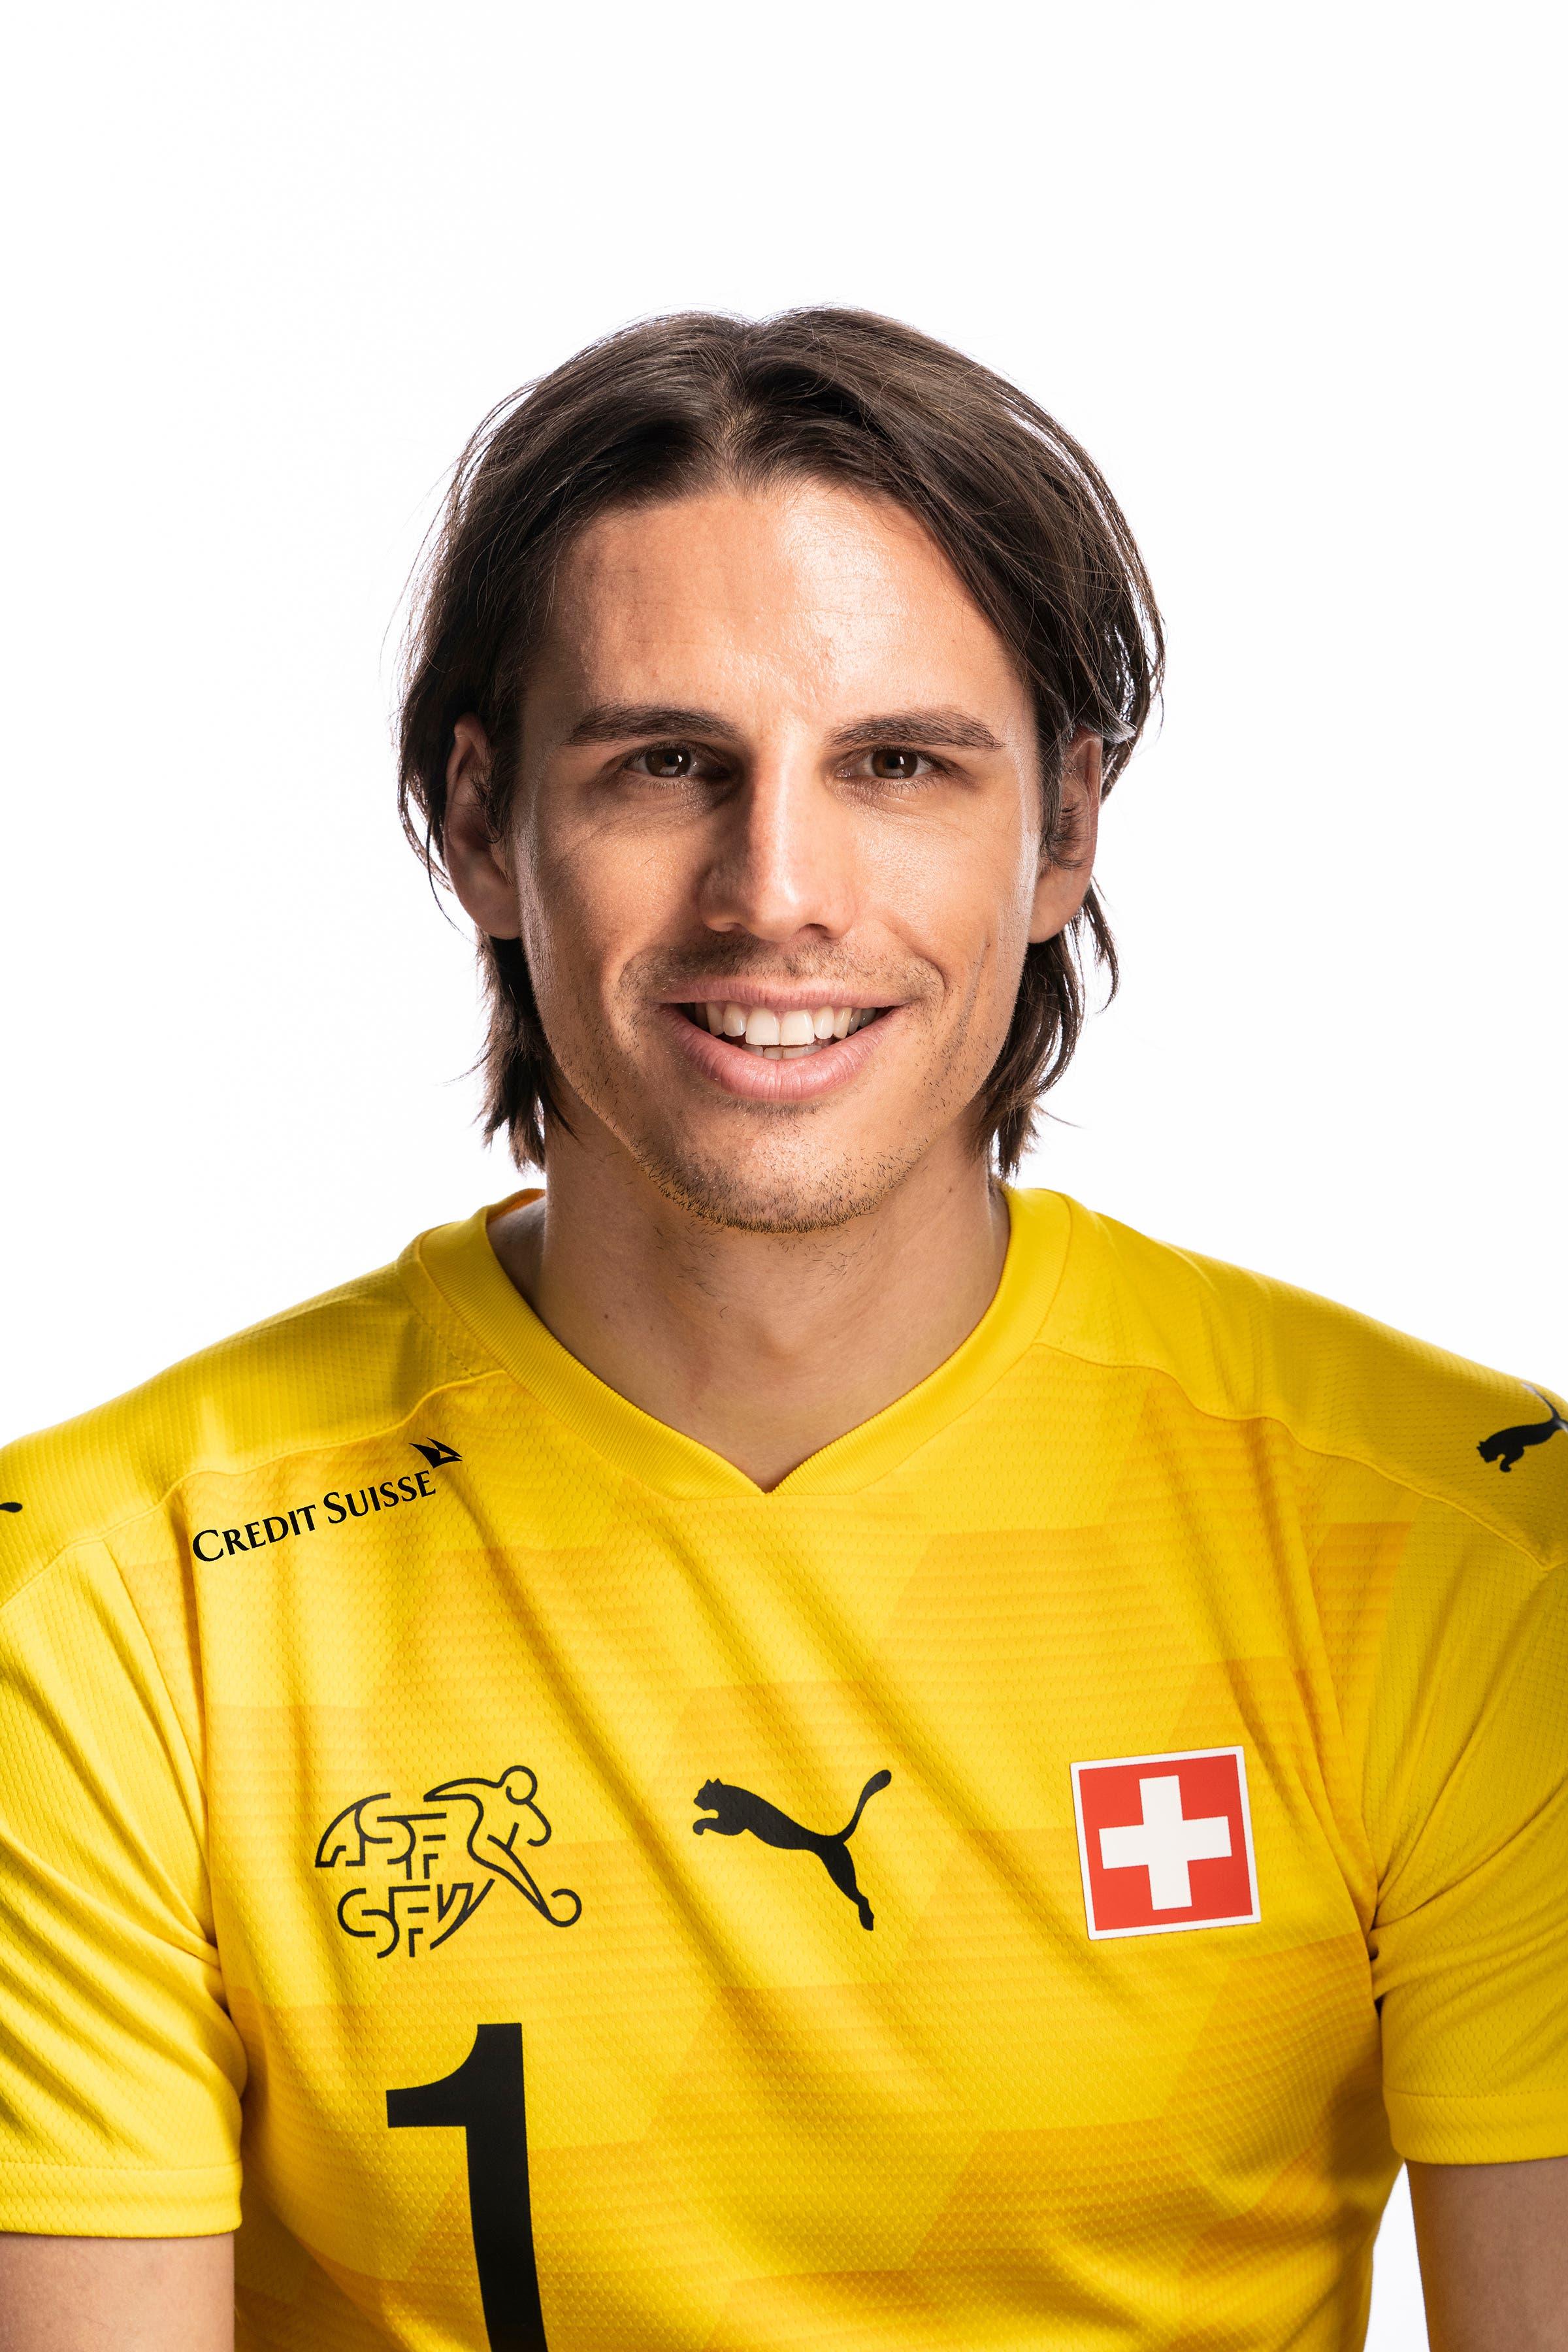 Yann Sommer, 17.12.1988 (32), Borussia Mönchengladbach, 60 Länderspiele.